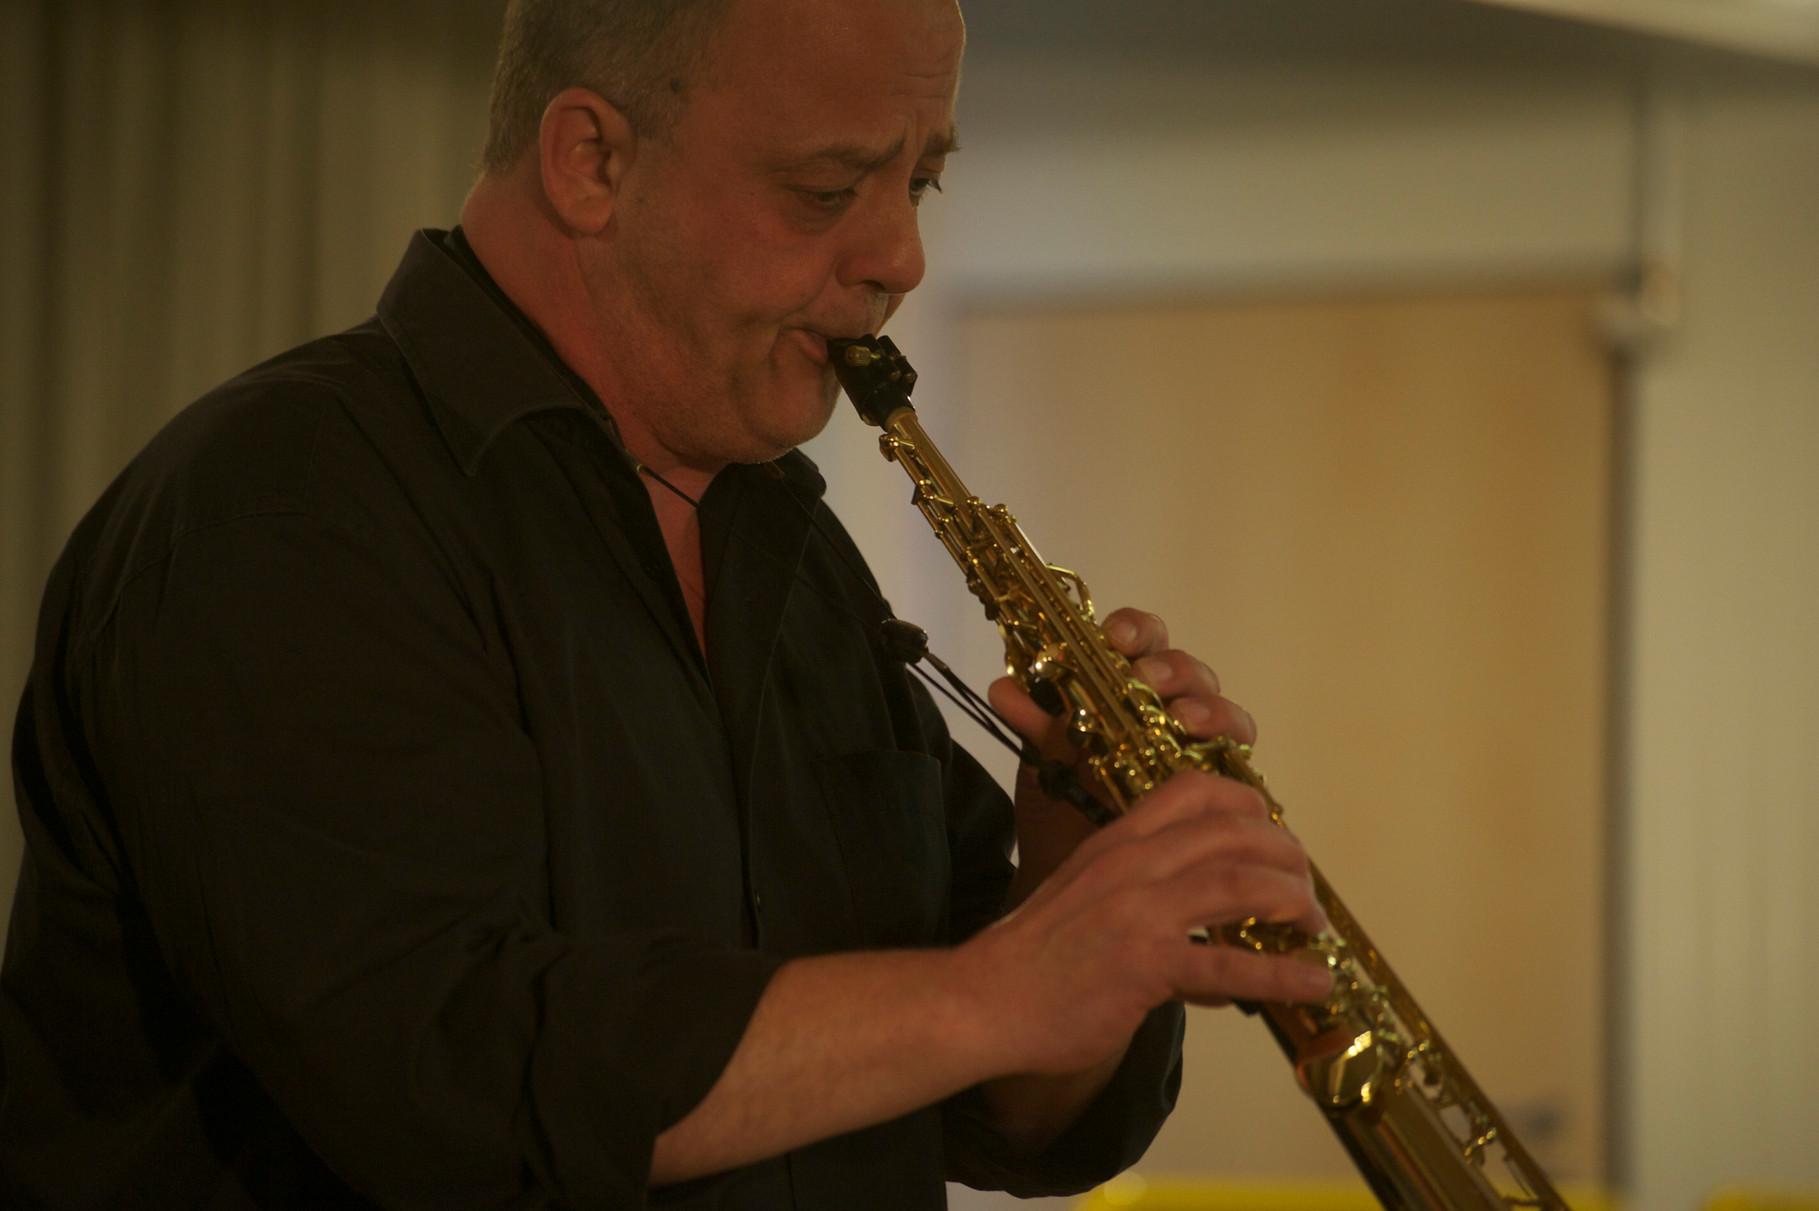 Sebastian (Seppl) Scheil (Saxophon) Die Musiker der Band von ulf hartmann. Livemusik (Singer-Songwriter) aus Braunschweig. Foto: Hans Scheschonk